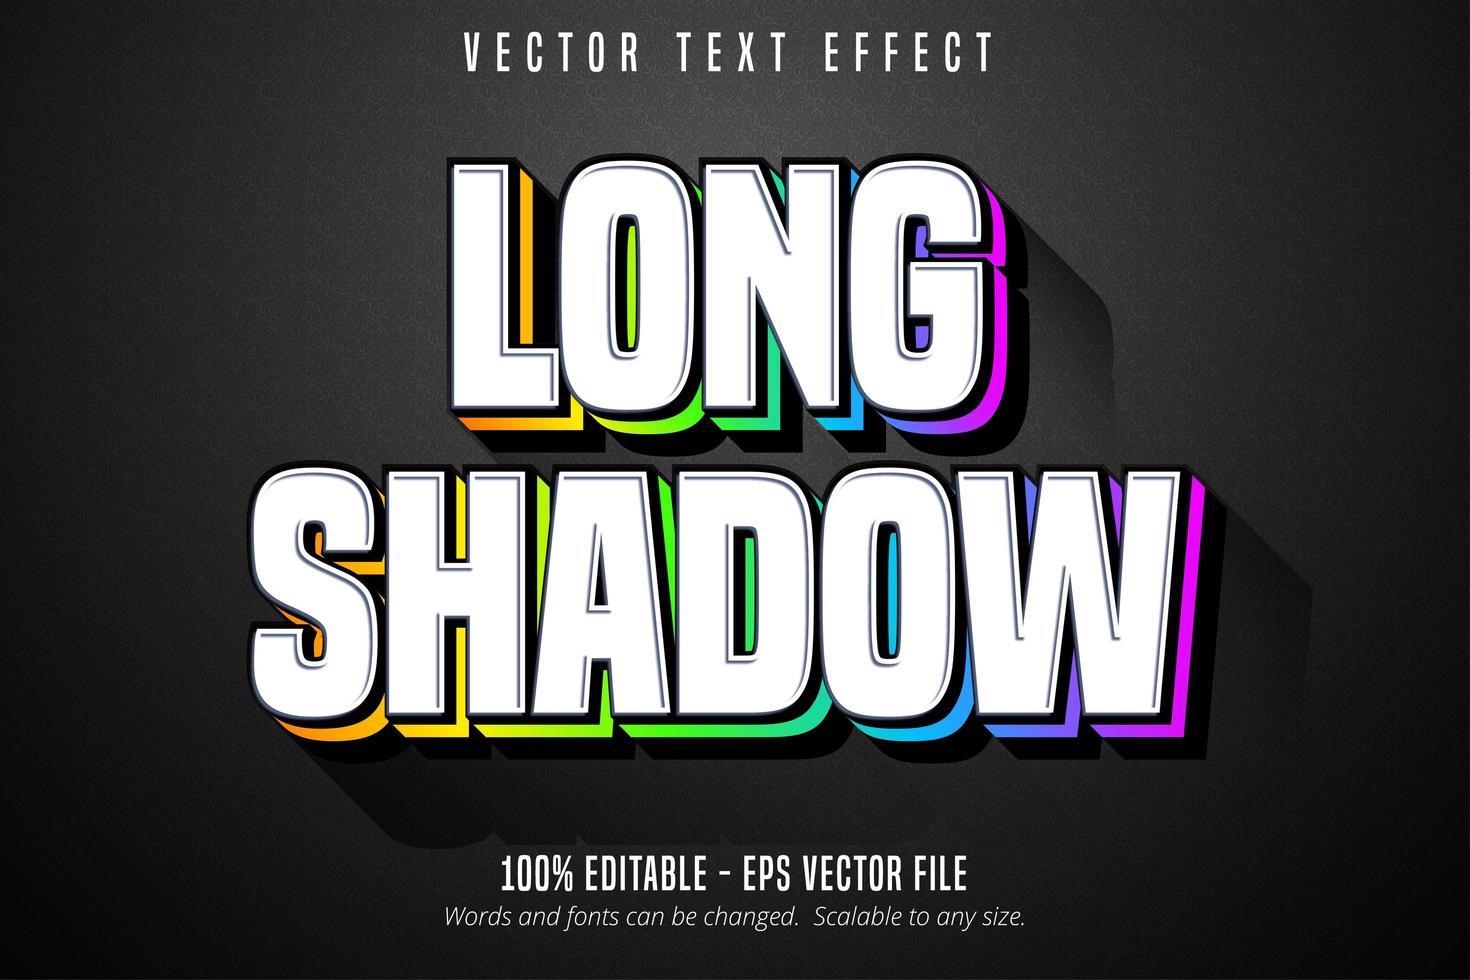 lange schaduwtekst, teksteffect in veelkleurige stijl vector